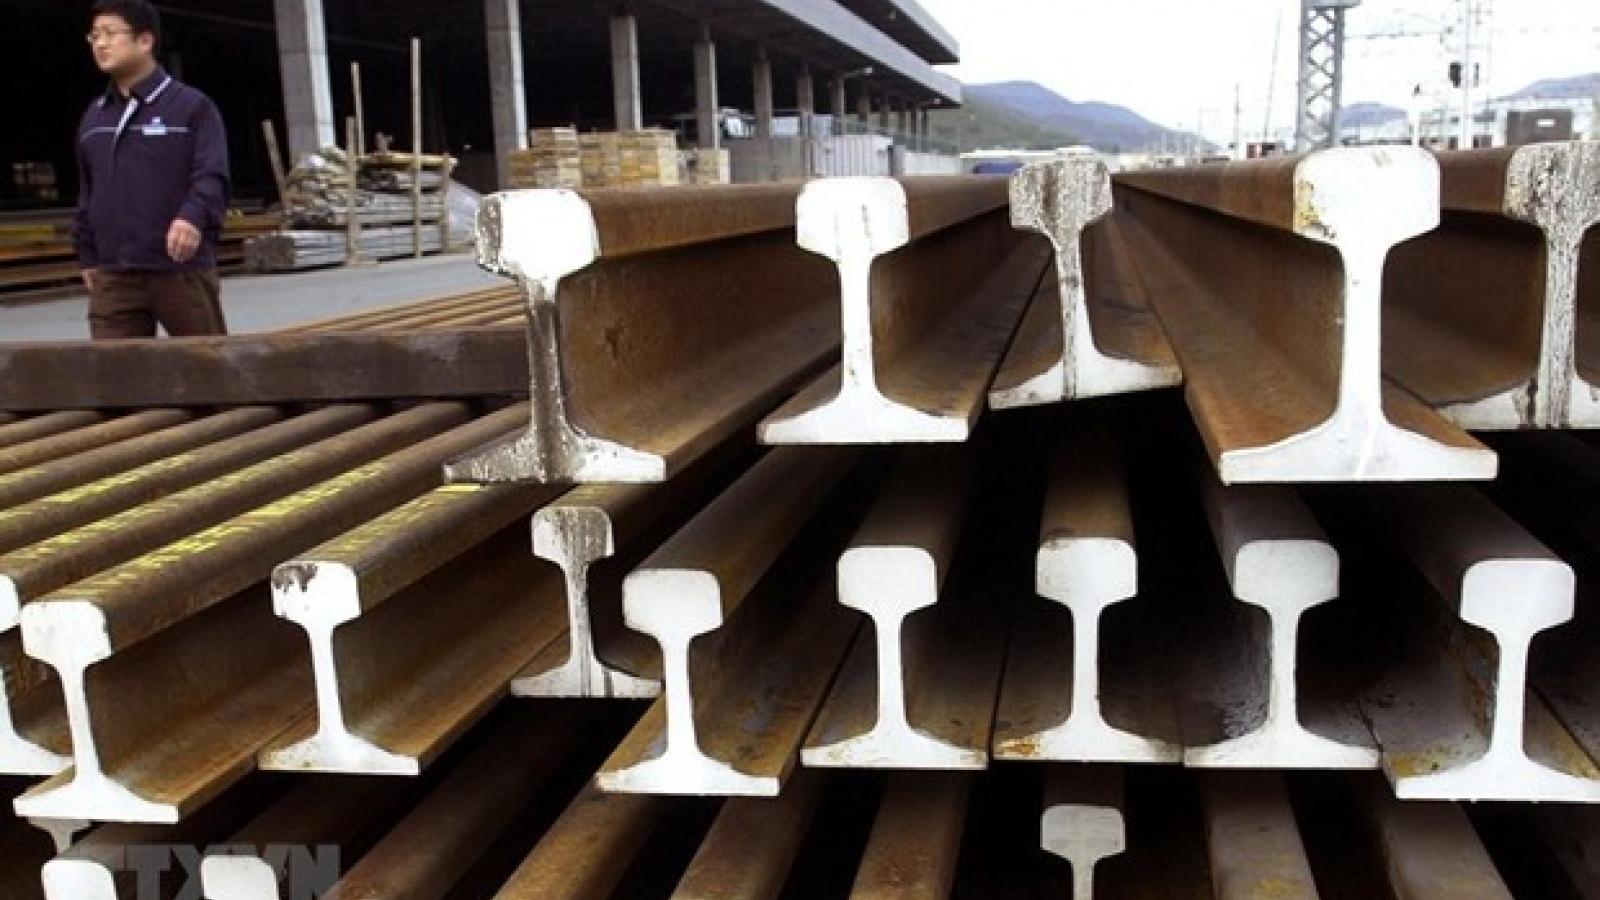 Hàn Quốc kháng cáo phán quyết của WTO về thuế chống bán phá giá đối với thép Nhật Bản